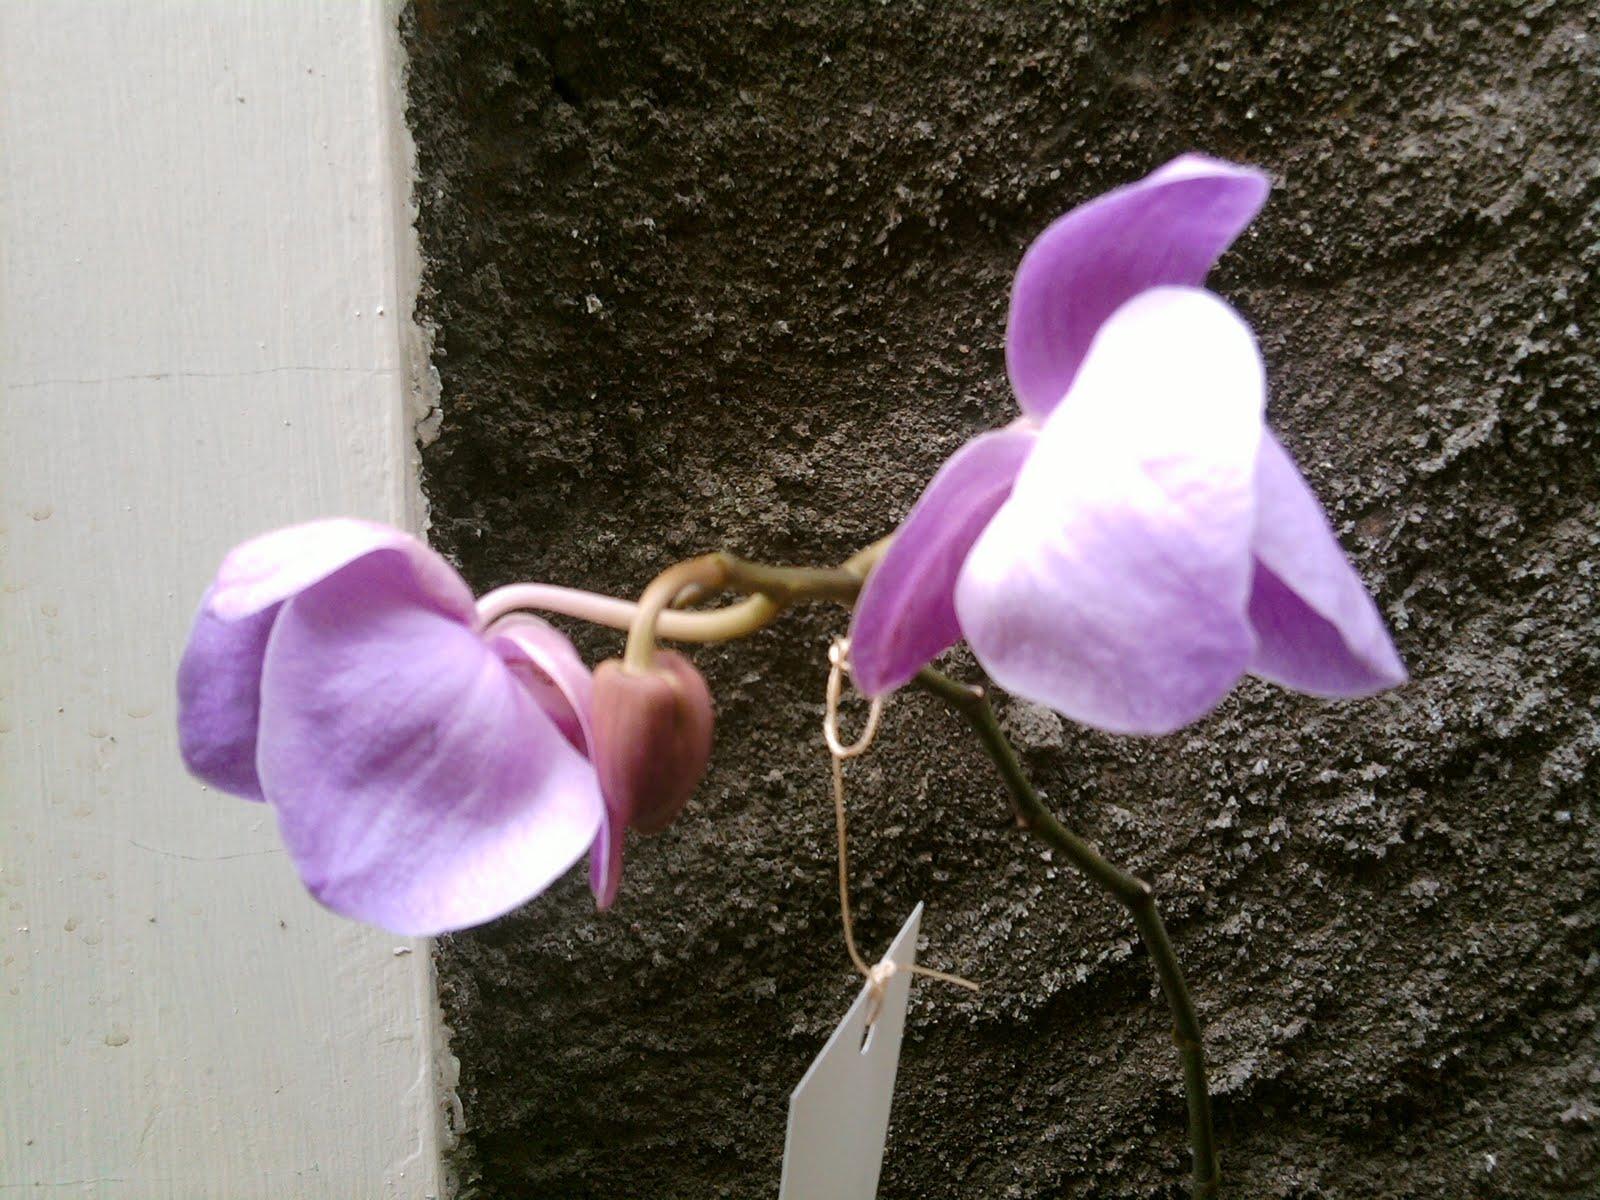 Tissue Culture And Orchidologi Teknik Hibridisasi Anggrek Benih Biji Bulan Kultur Jaringan Melalui Seksual Dilakukan Dengan Alasan Tidak Mempunyai Endosperm Cadangan Makanan Atau Berukuran Sangat